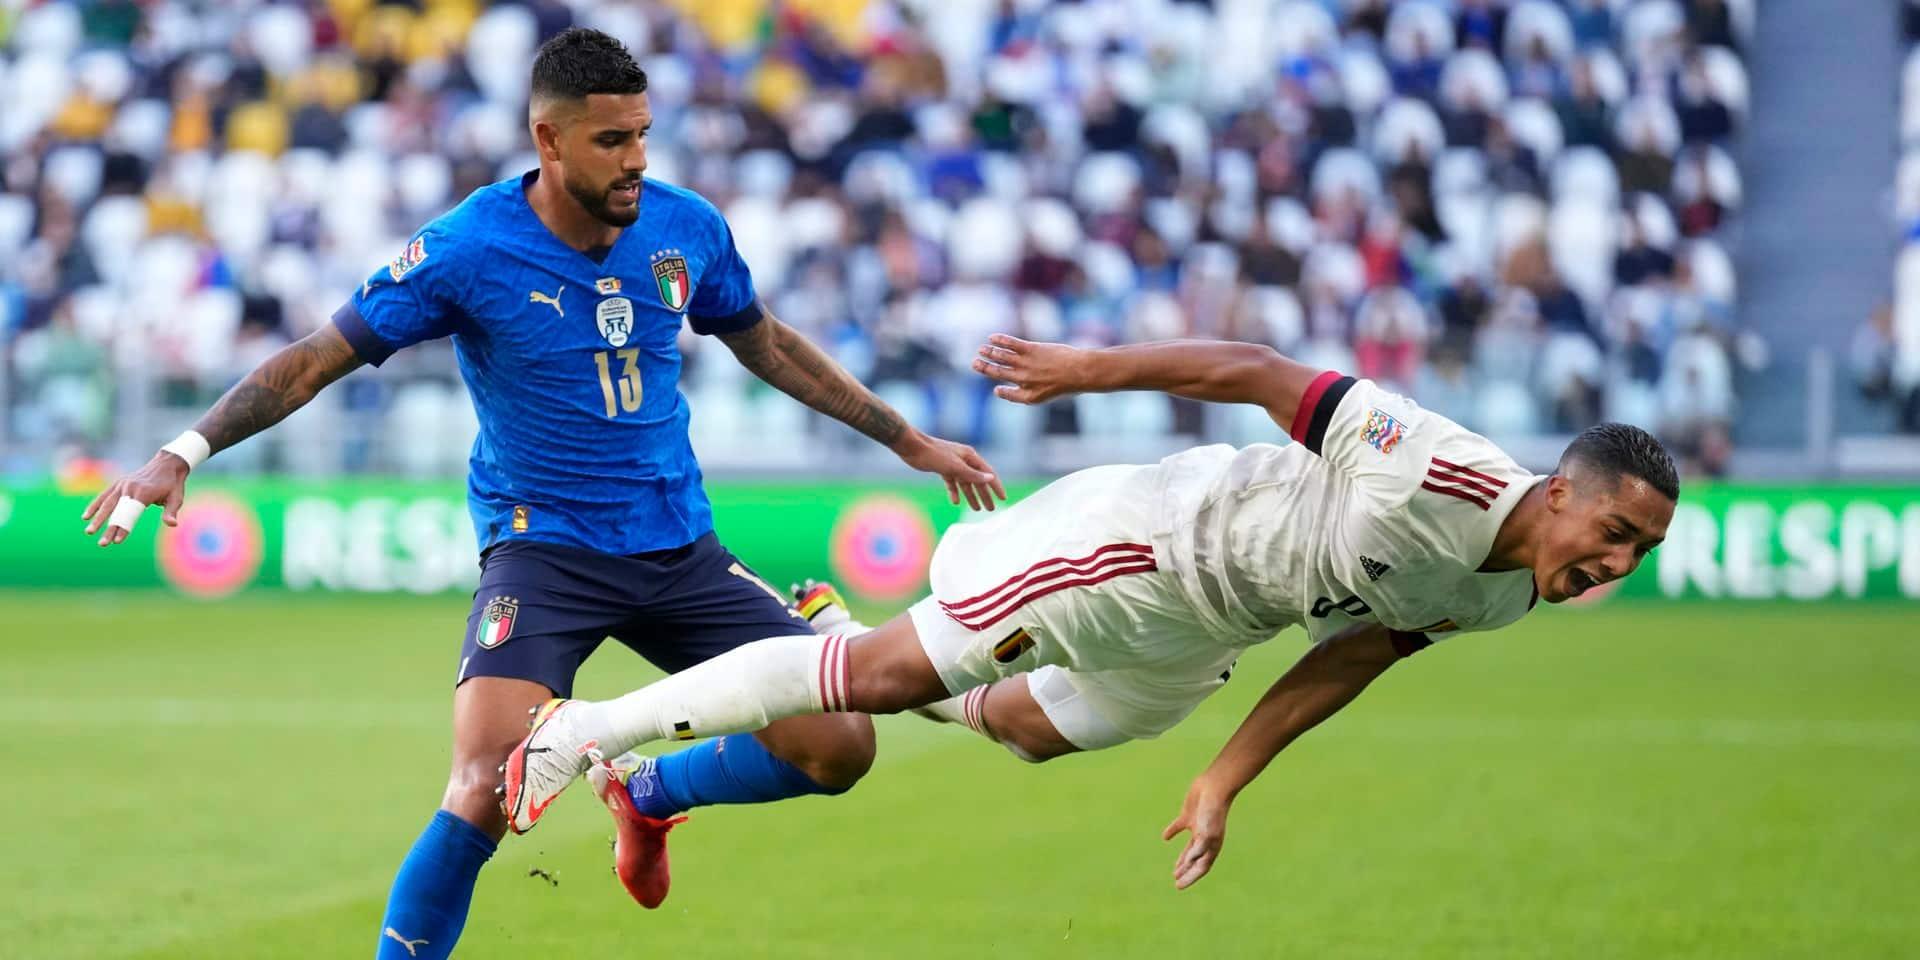 Deux défaites de rang, une première depuis 2016 pour les Belges: le match Italie - Belgique en questions